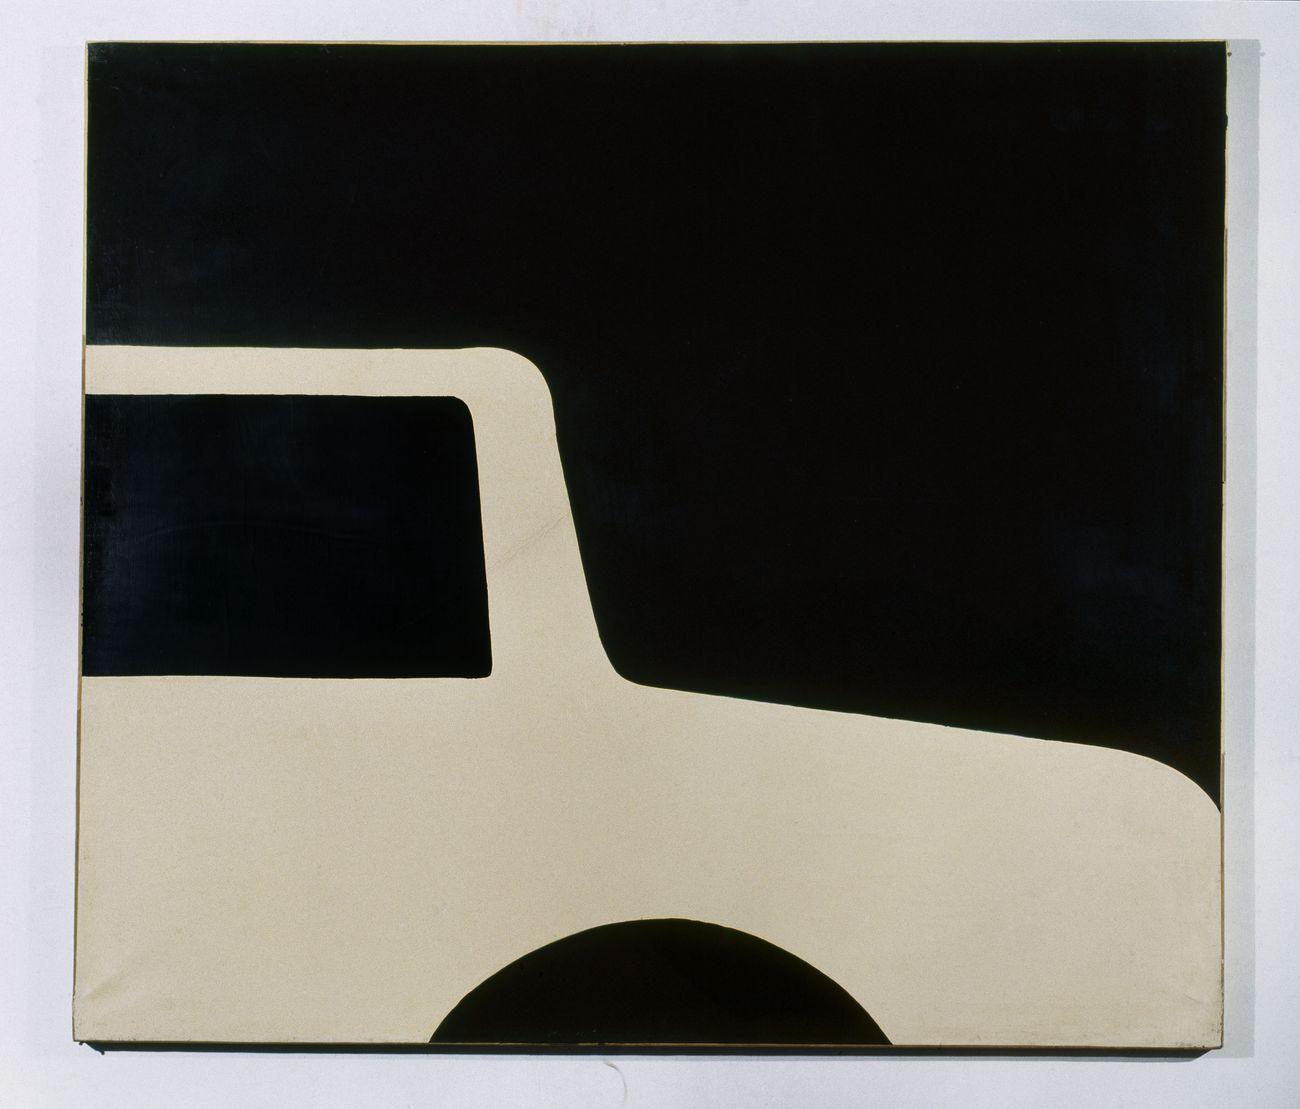 Cesare Tacchi, Struttura bianca su nero, 1962. Collezione privata, Roma. Photo Salvatore Piermarini - Archivio Cesare Tacchi